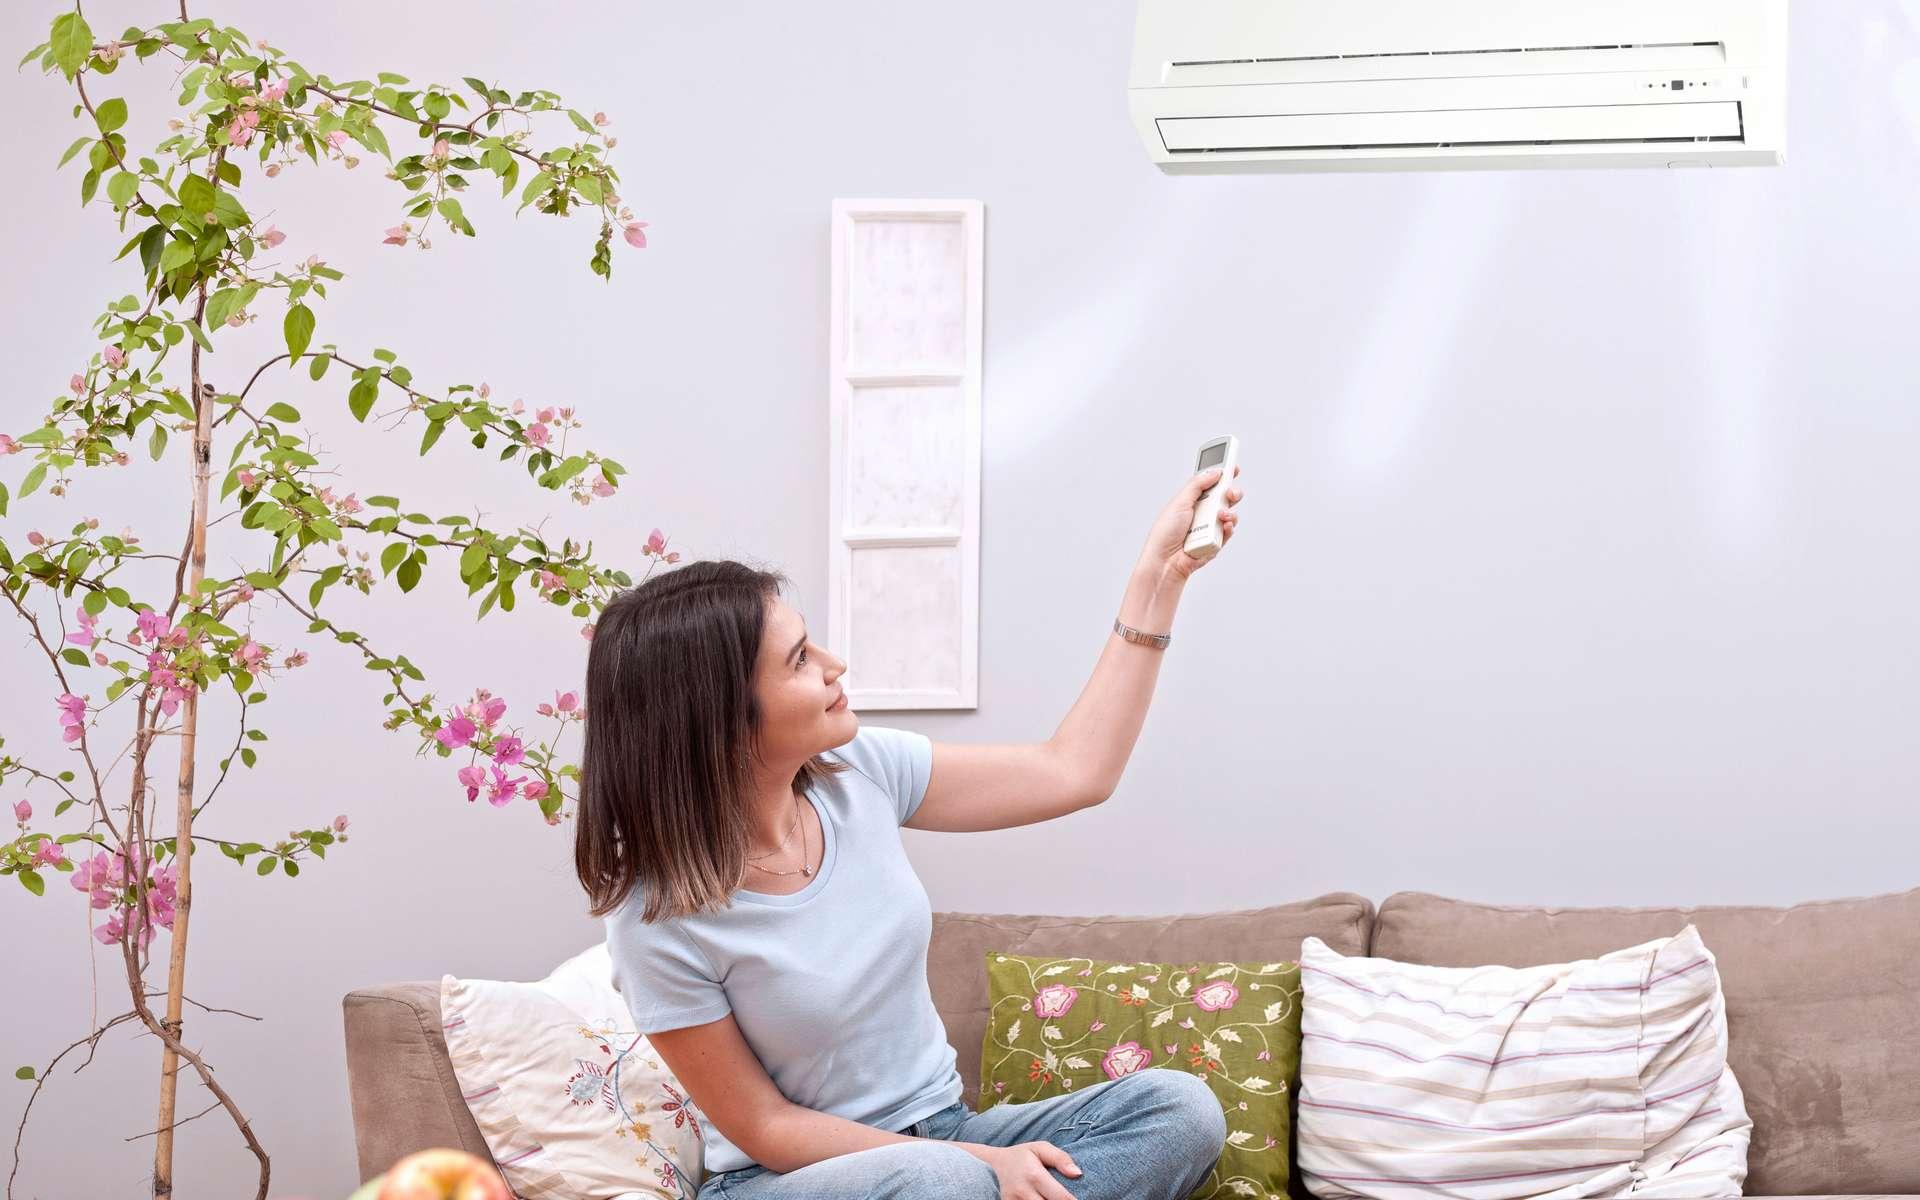 La climatisation réversible assure un confort dans nos intérieurs au gré des saisons. © izzetugutmen, Adobe Stock